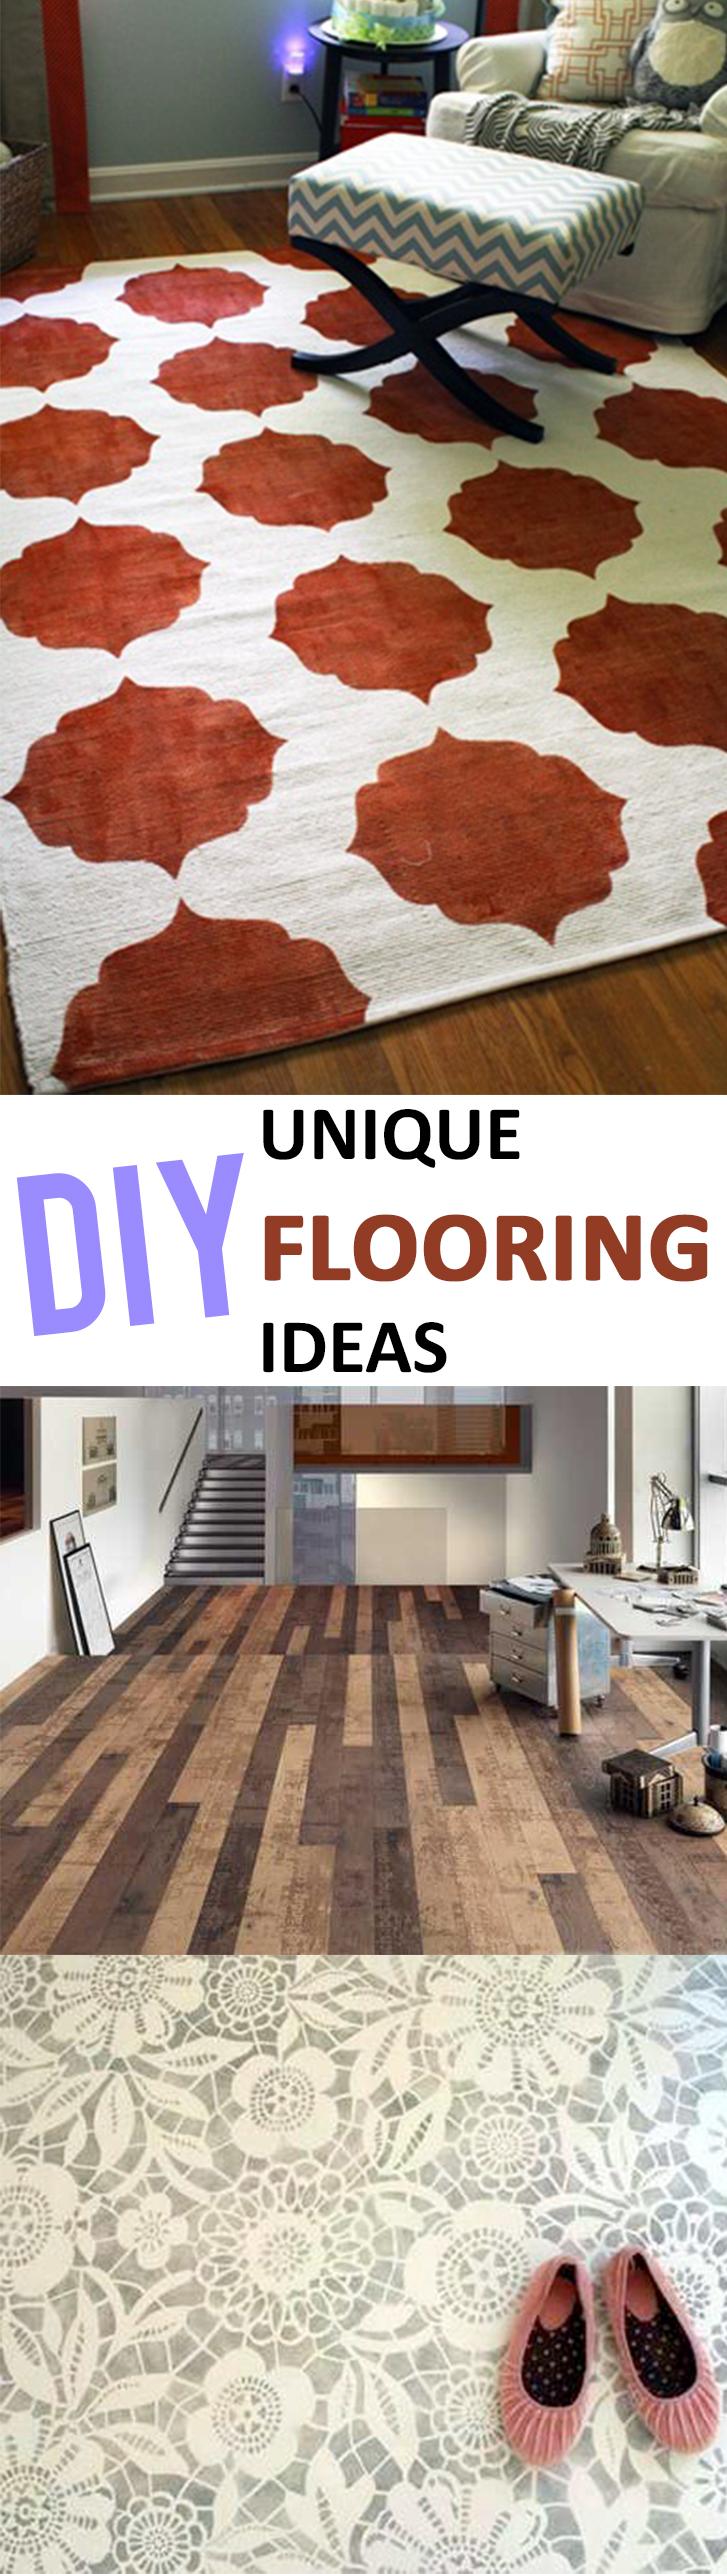 Unique diy flooring ideas for Unusual flooring ideas